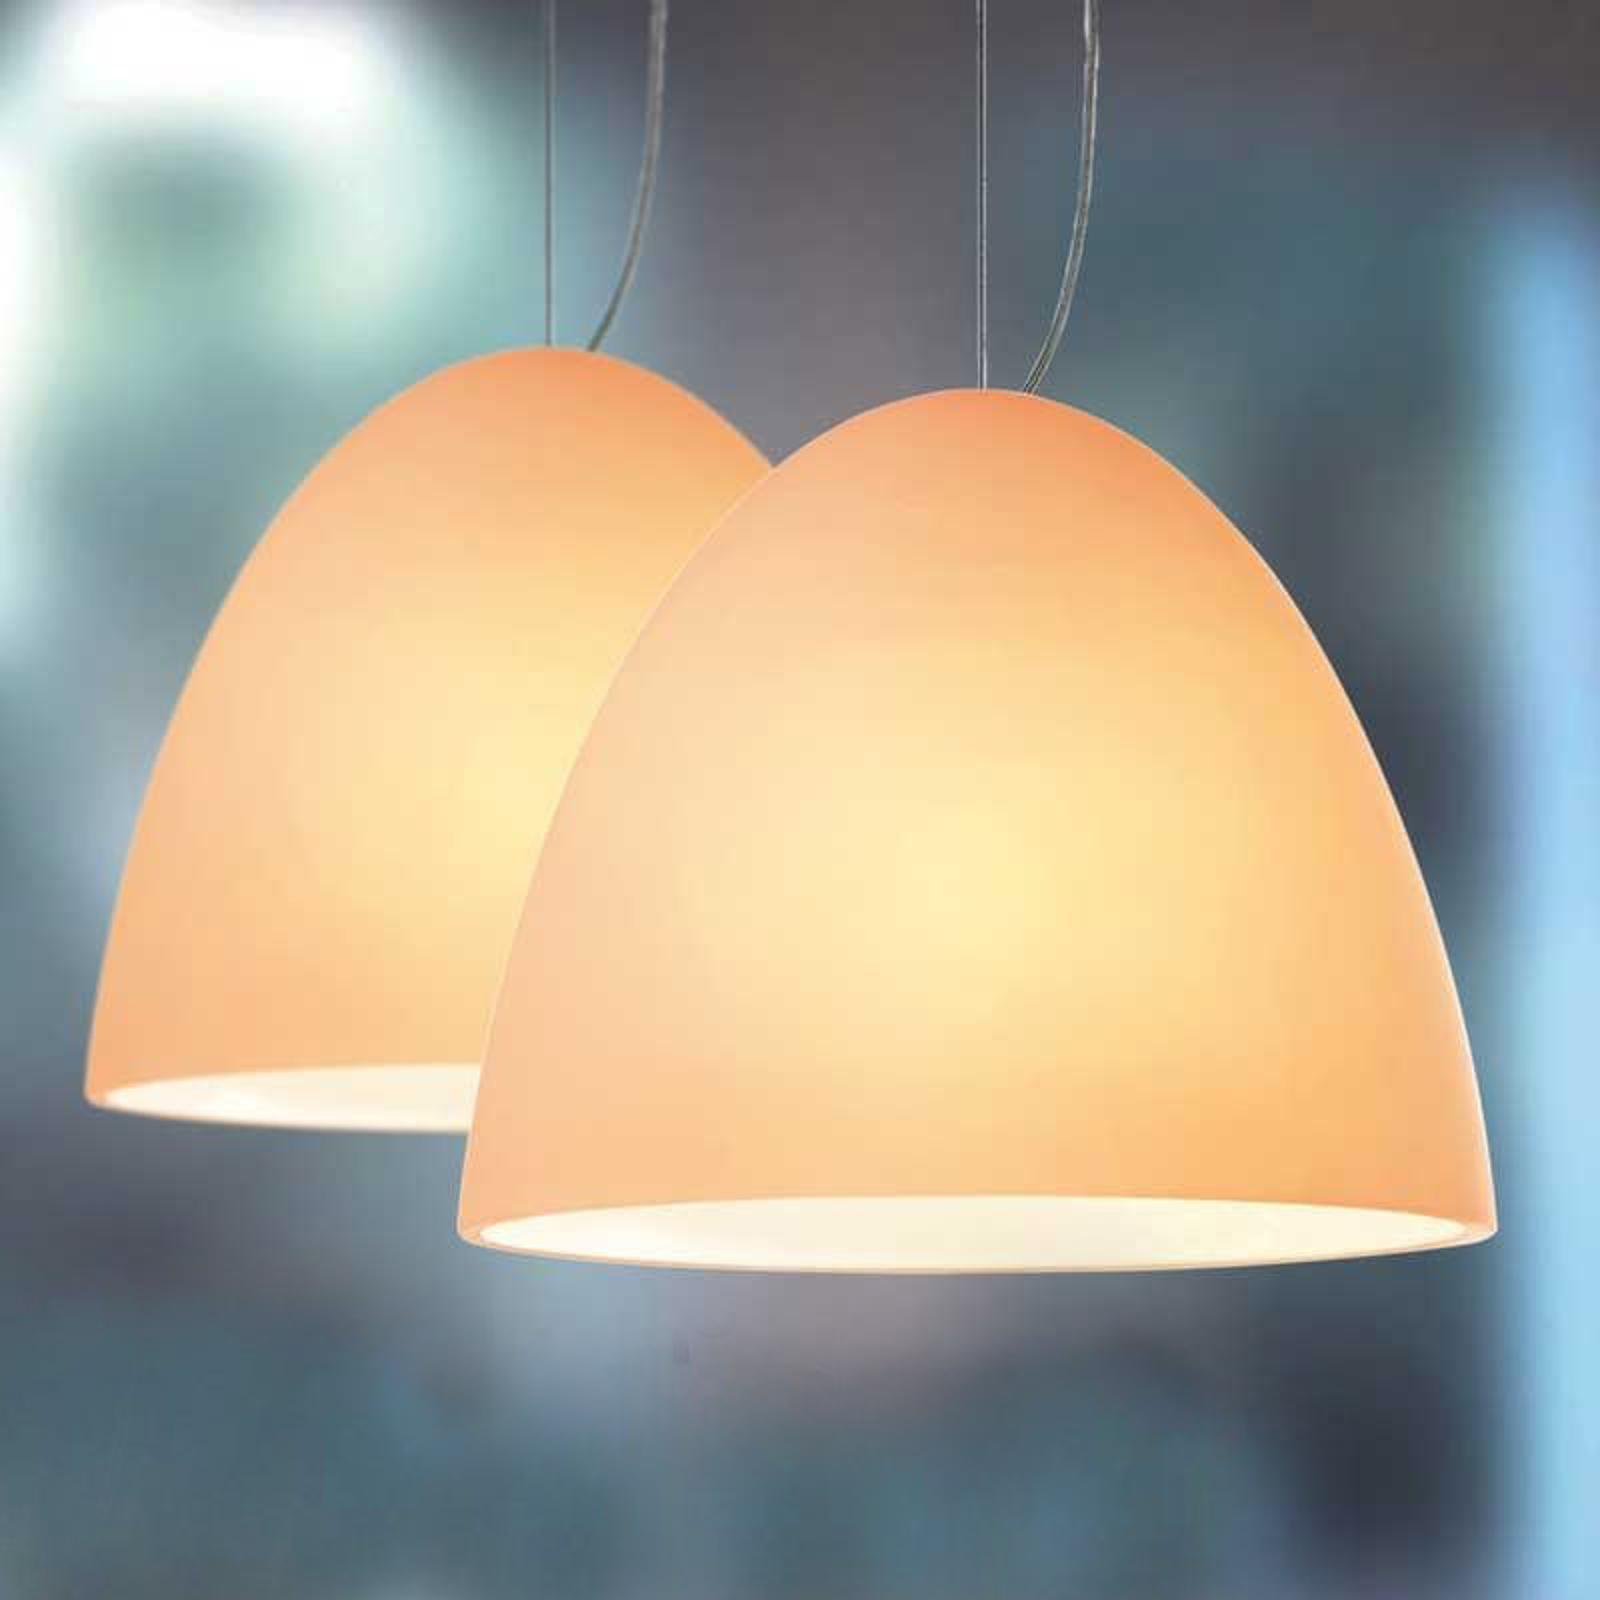 Sandfärgad hänglampa BELL 21 cm, 2 ljuskällor